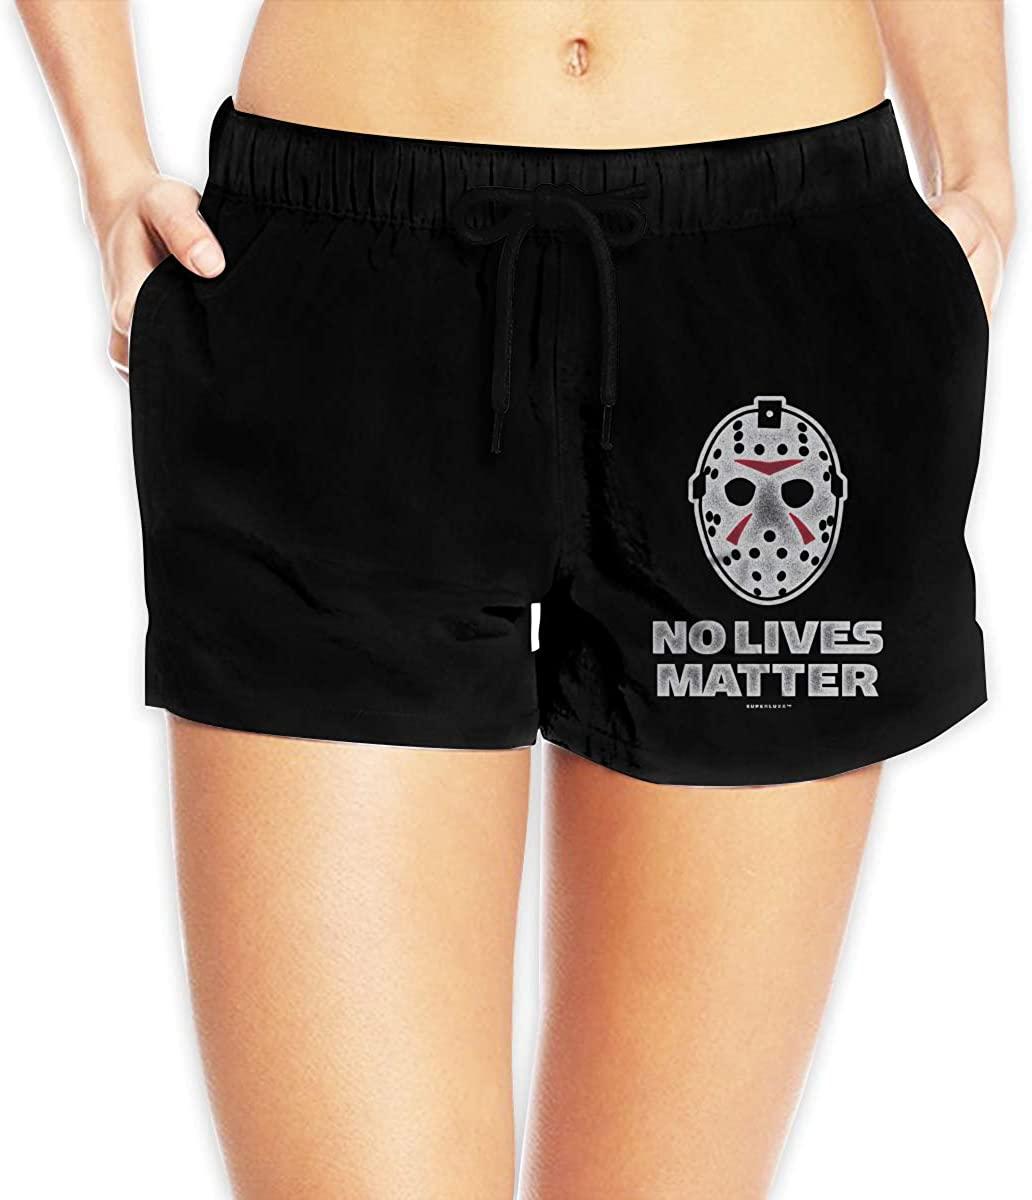 Women Sexy Hot Pants Summer Casual Shorts No Lives Matter Short Beach Trousers